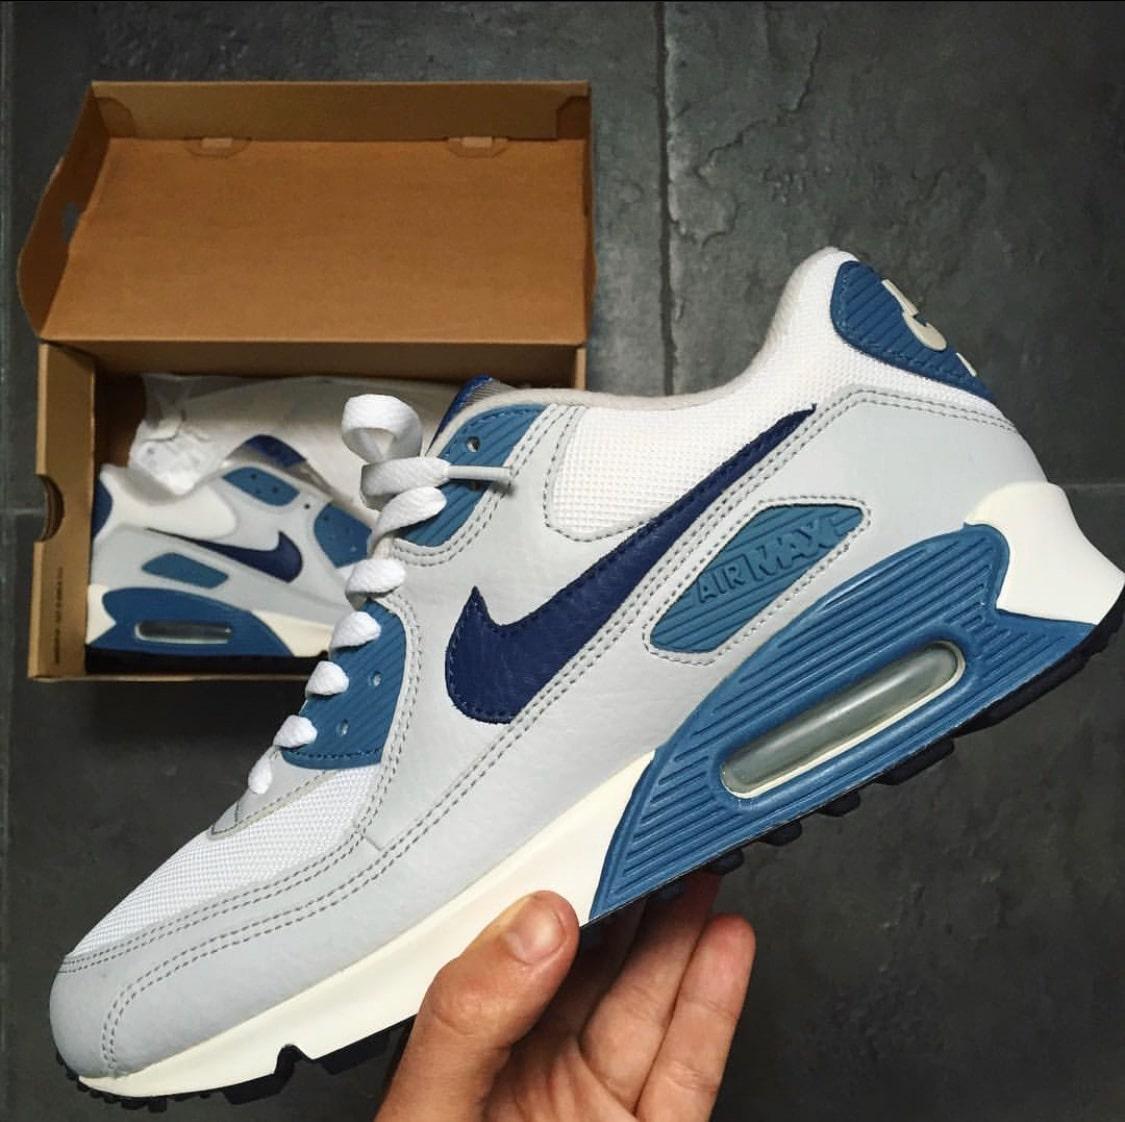 Nike Air Max 90 storm